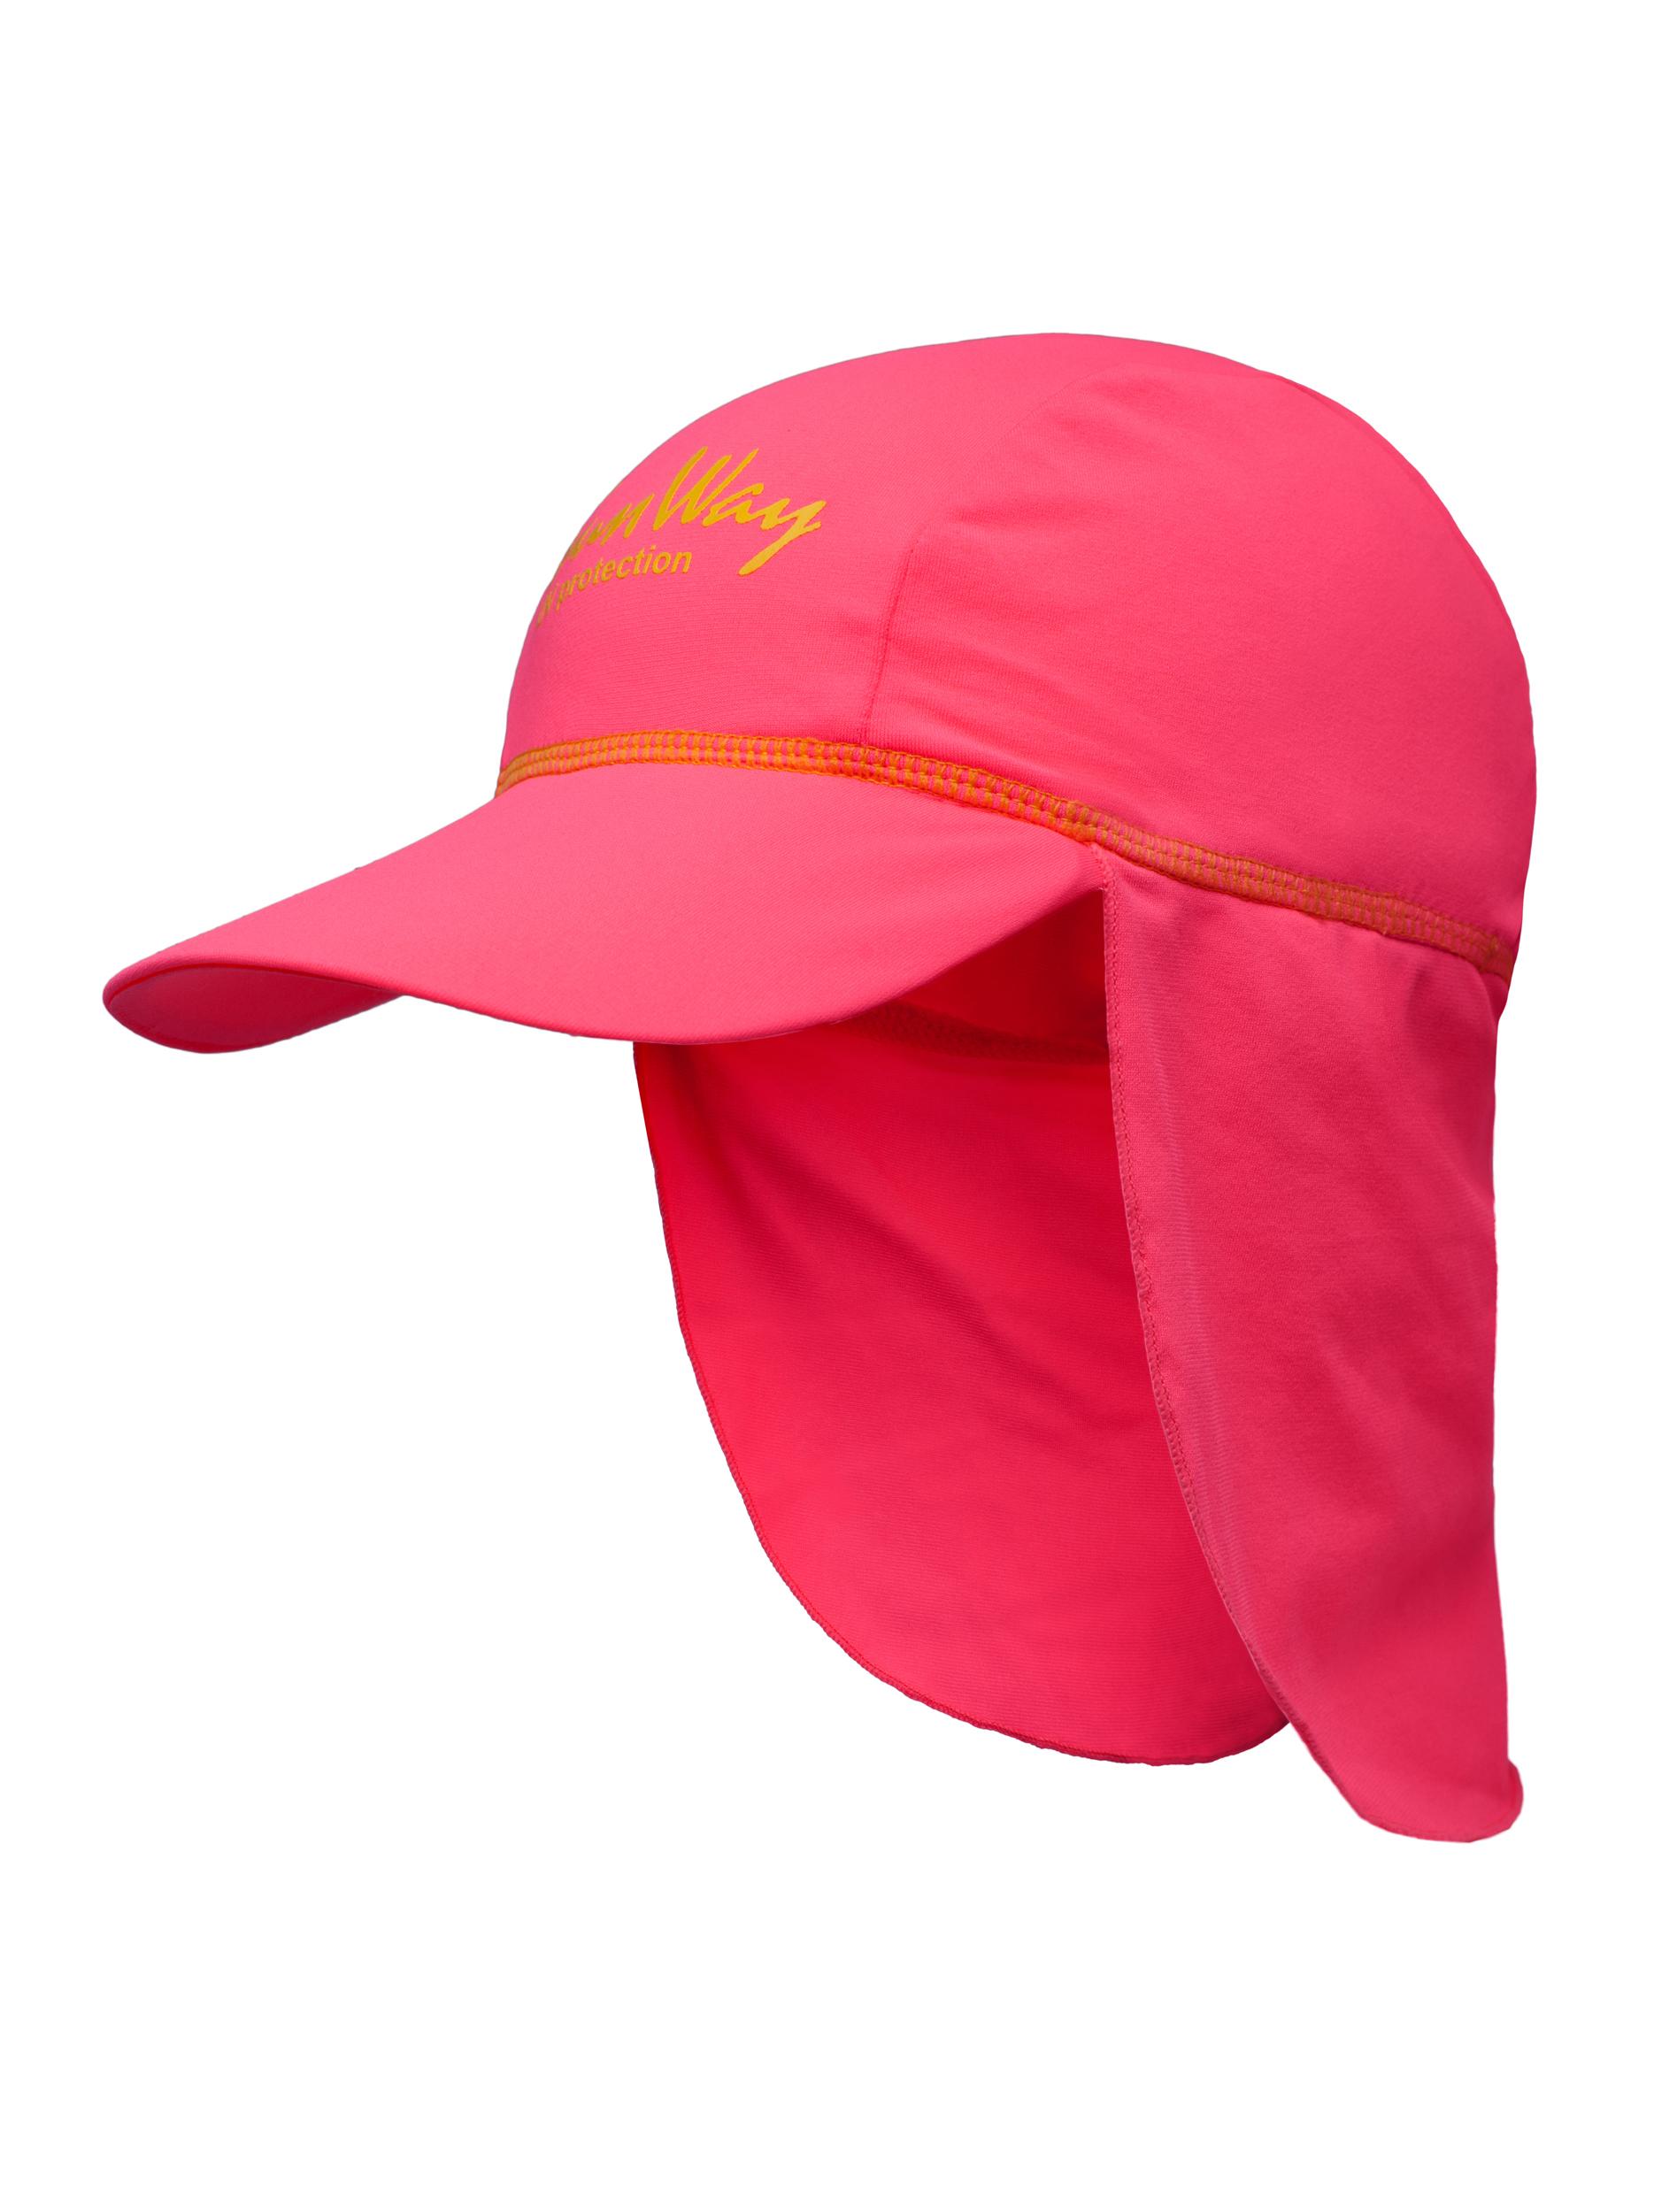 SunWay's UV Protective Hats: Legionnaire UV Hat for Girls